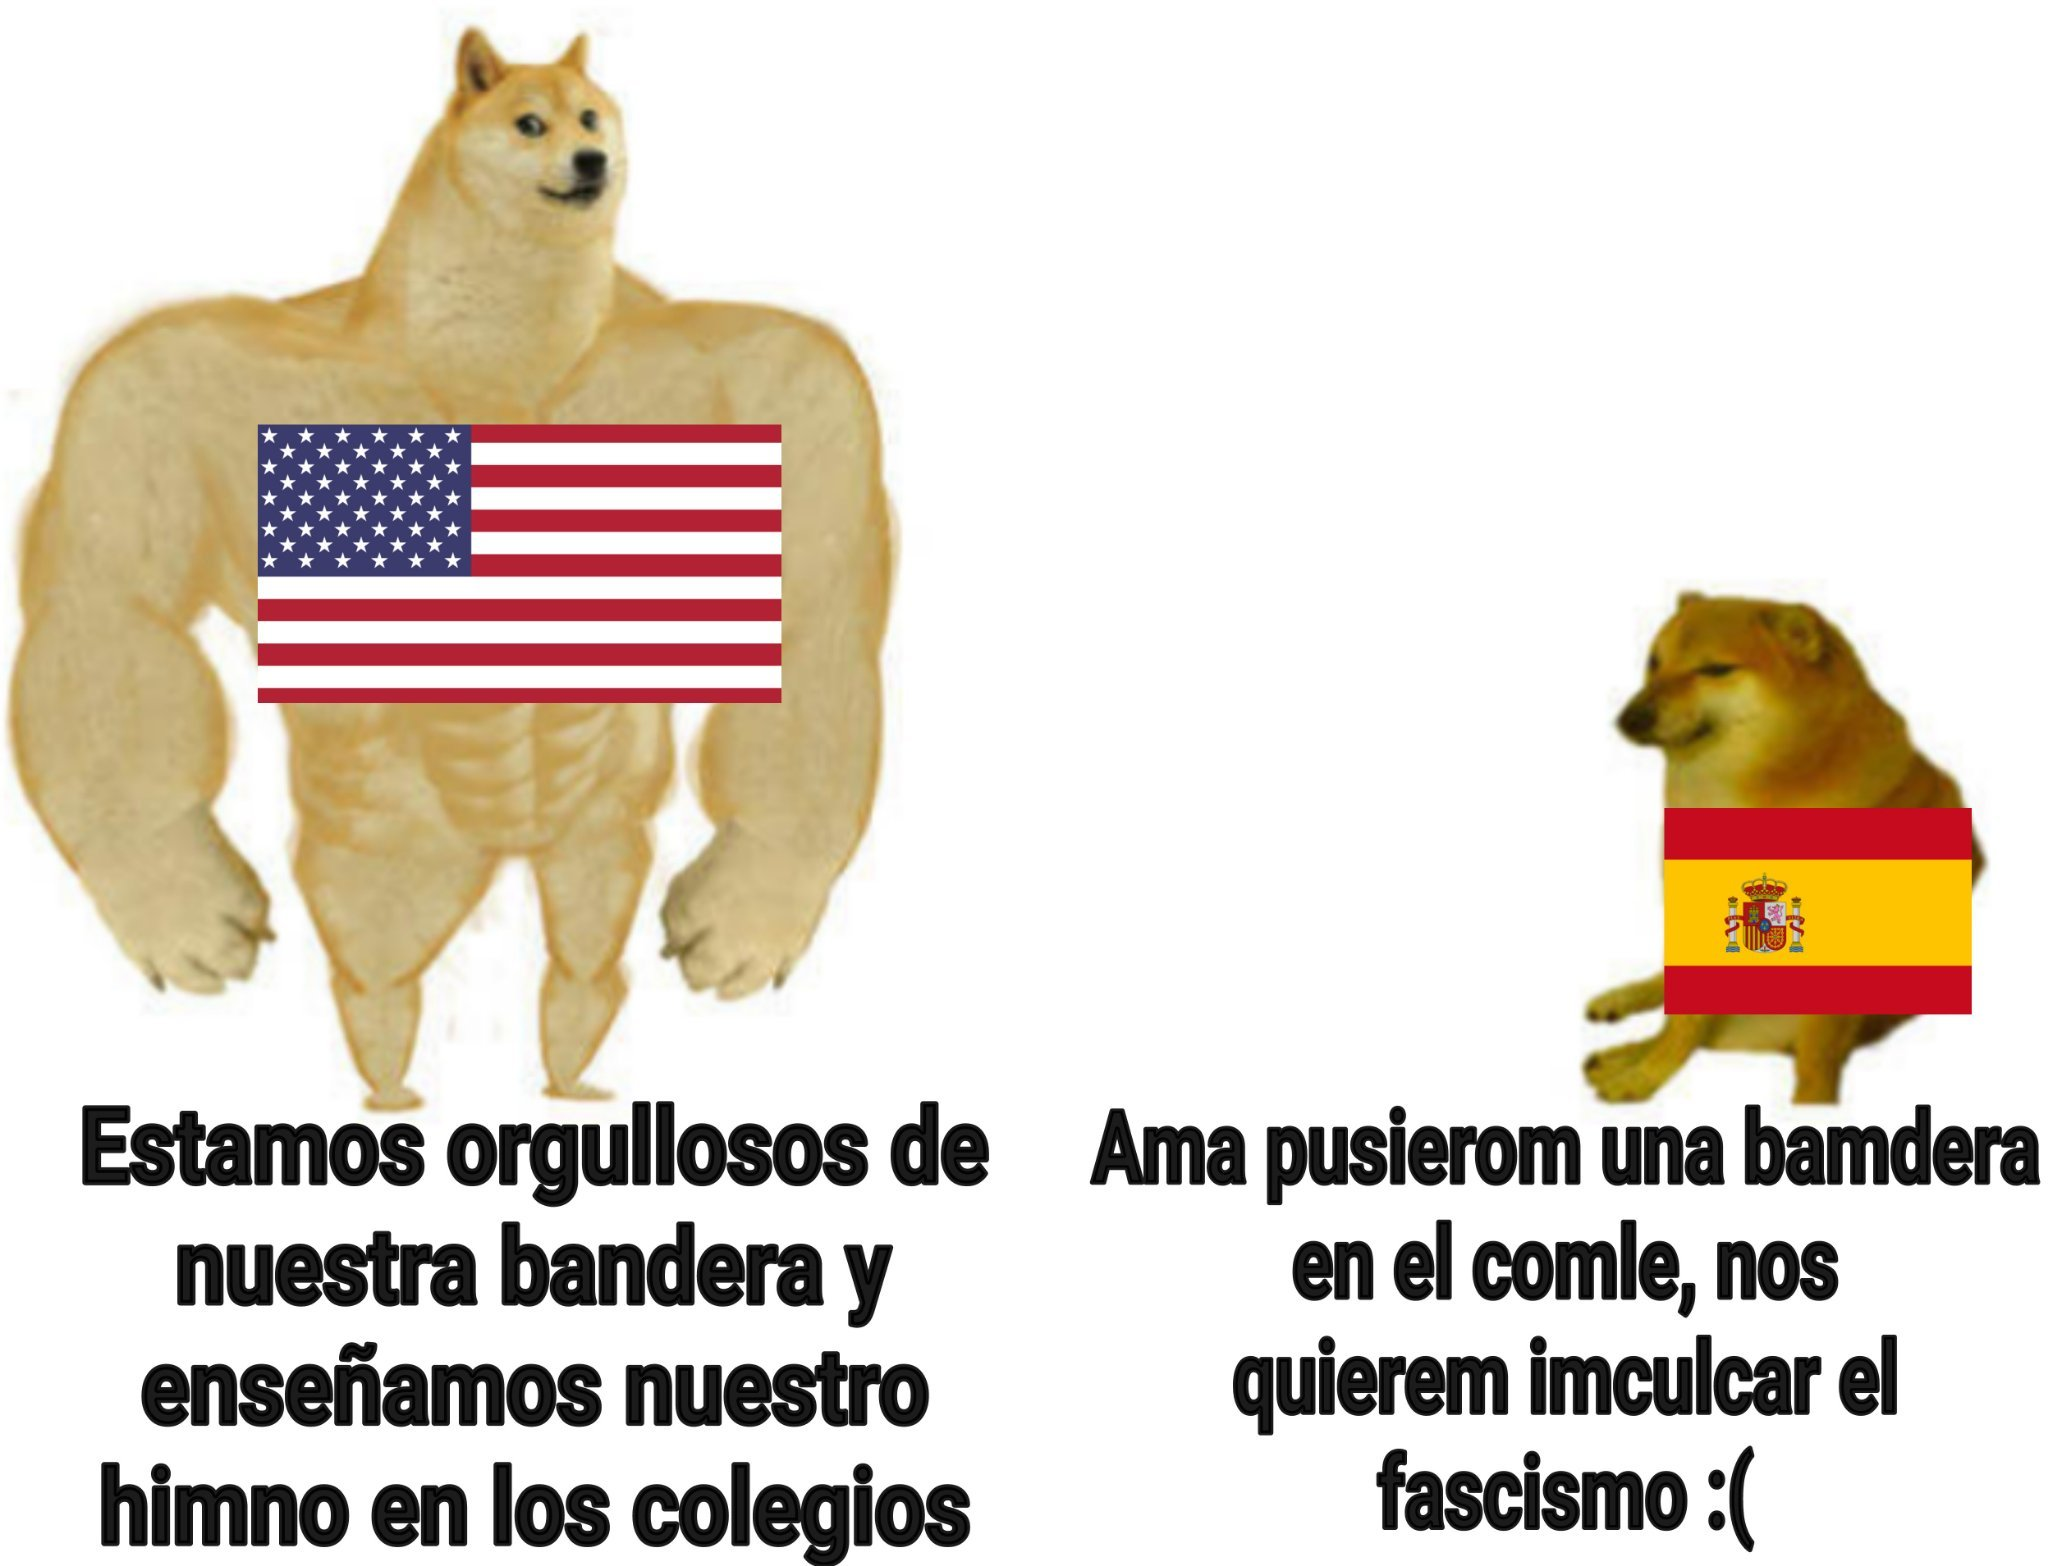 Pones el himno o llevas bandera por la calle y te acuchillan, gracias España :) (Gracias a JaviCrack-432 por ayudarme) - meme